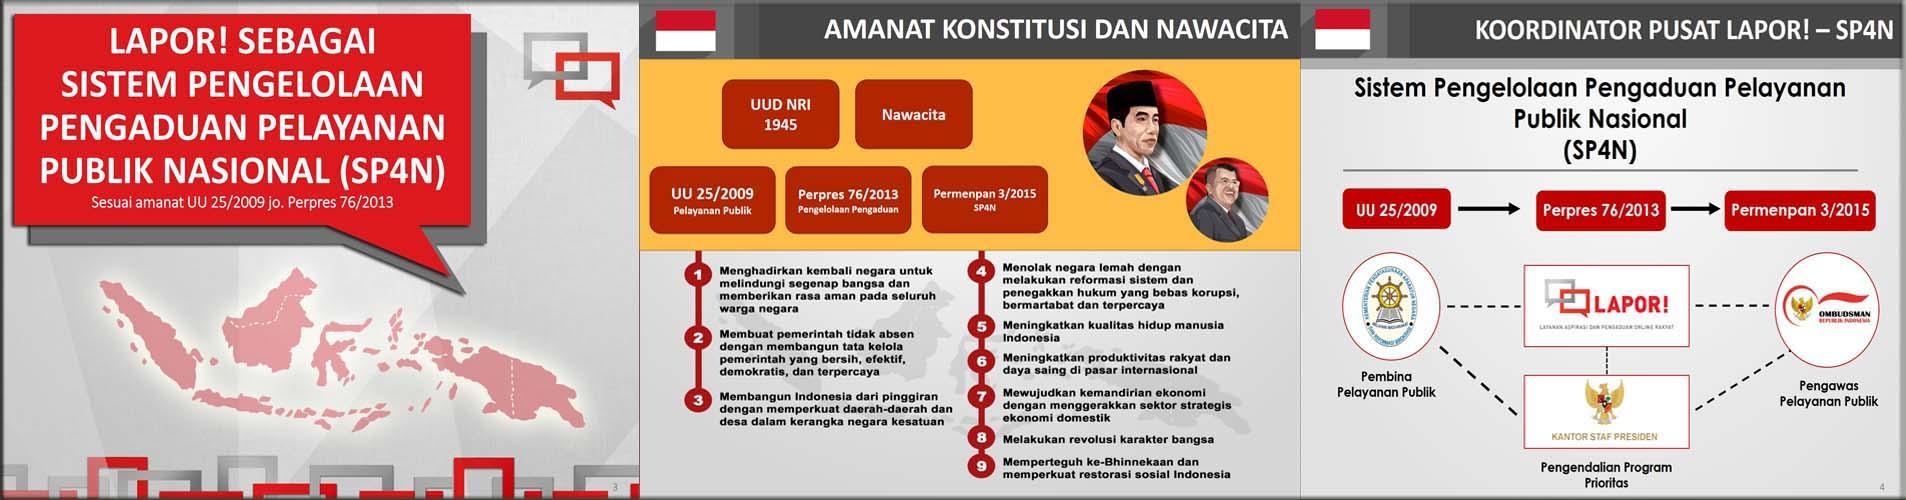 LAPOR - SP4N<BR>Amanat Konstitusi dan Nawacita